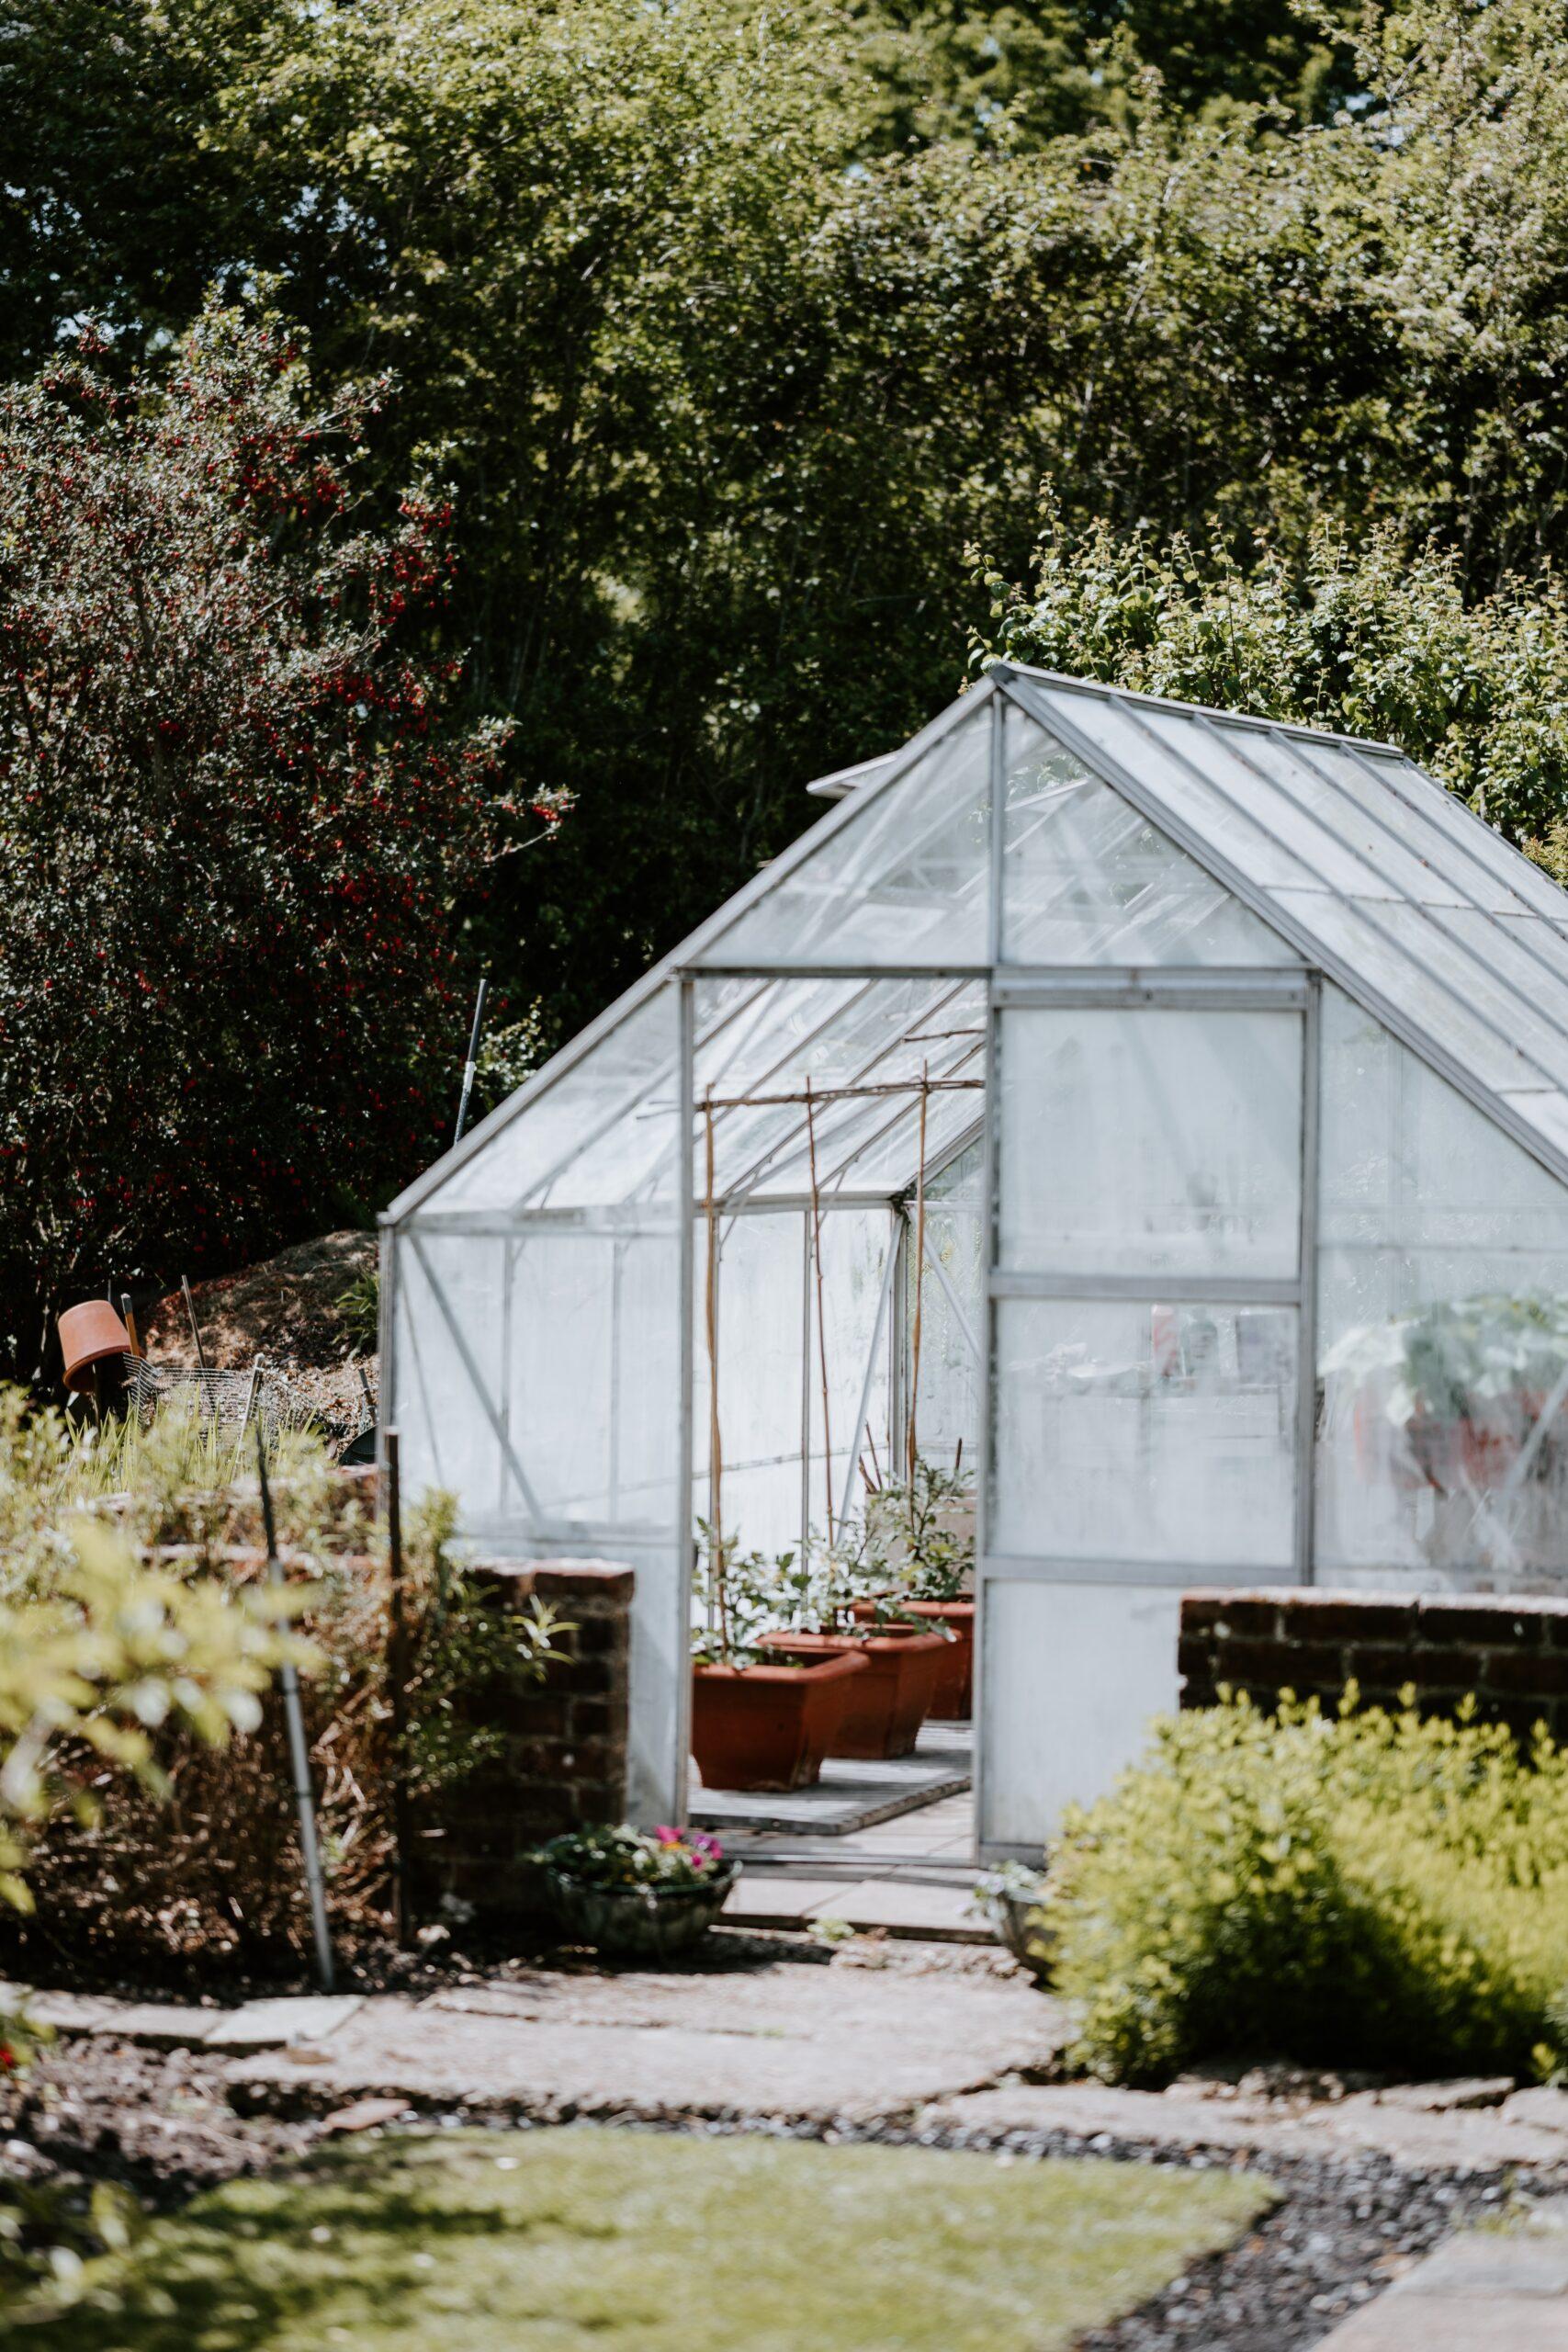 Καλλωπιστικά φυτά και κηπευτικά στο δικό σας θερμοκήπιο